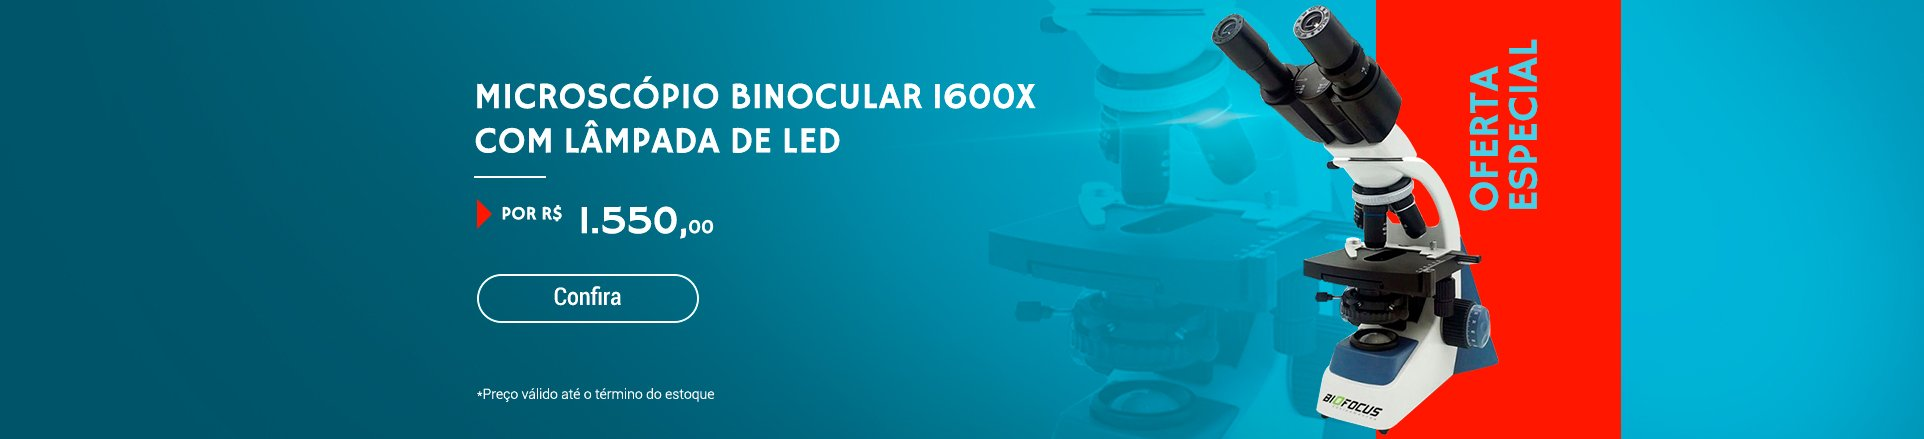 Microscópio Binocular 1600x com lâmpada de LED